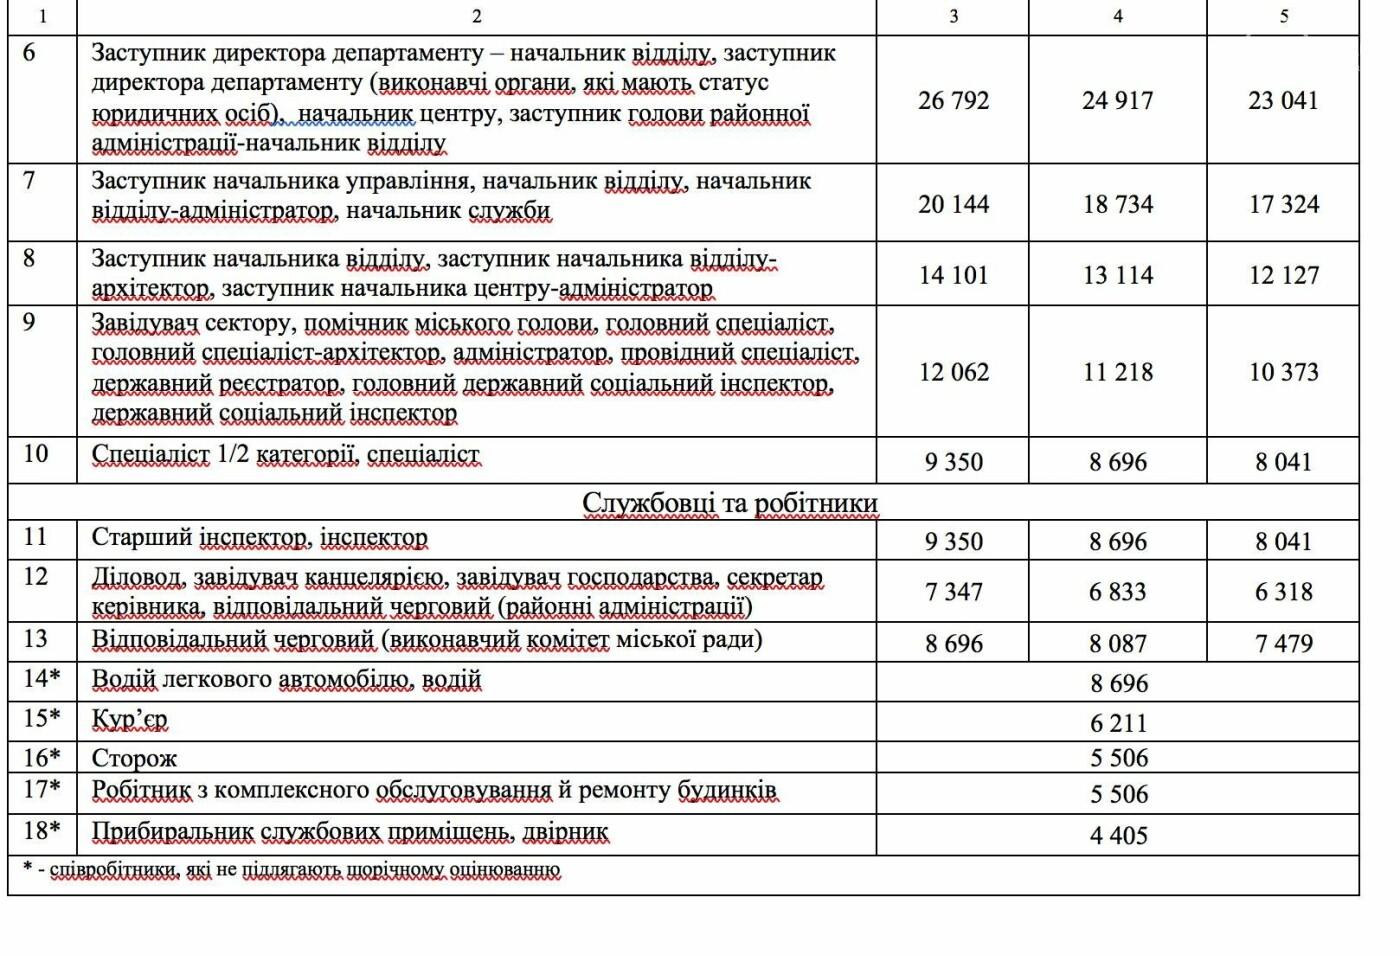 Депутаты Мариупольского горсовета подняли зарплаты работникам исполкома, фото-4